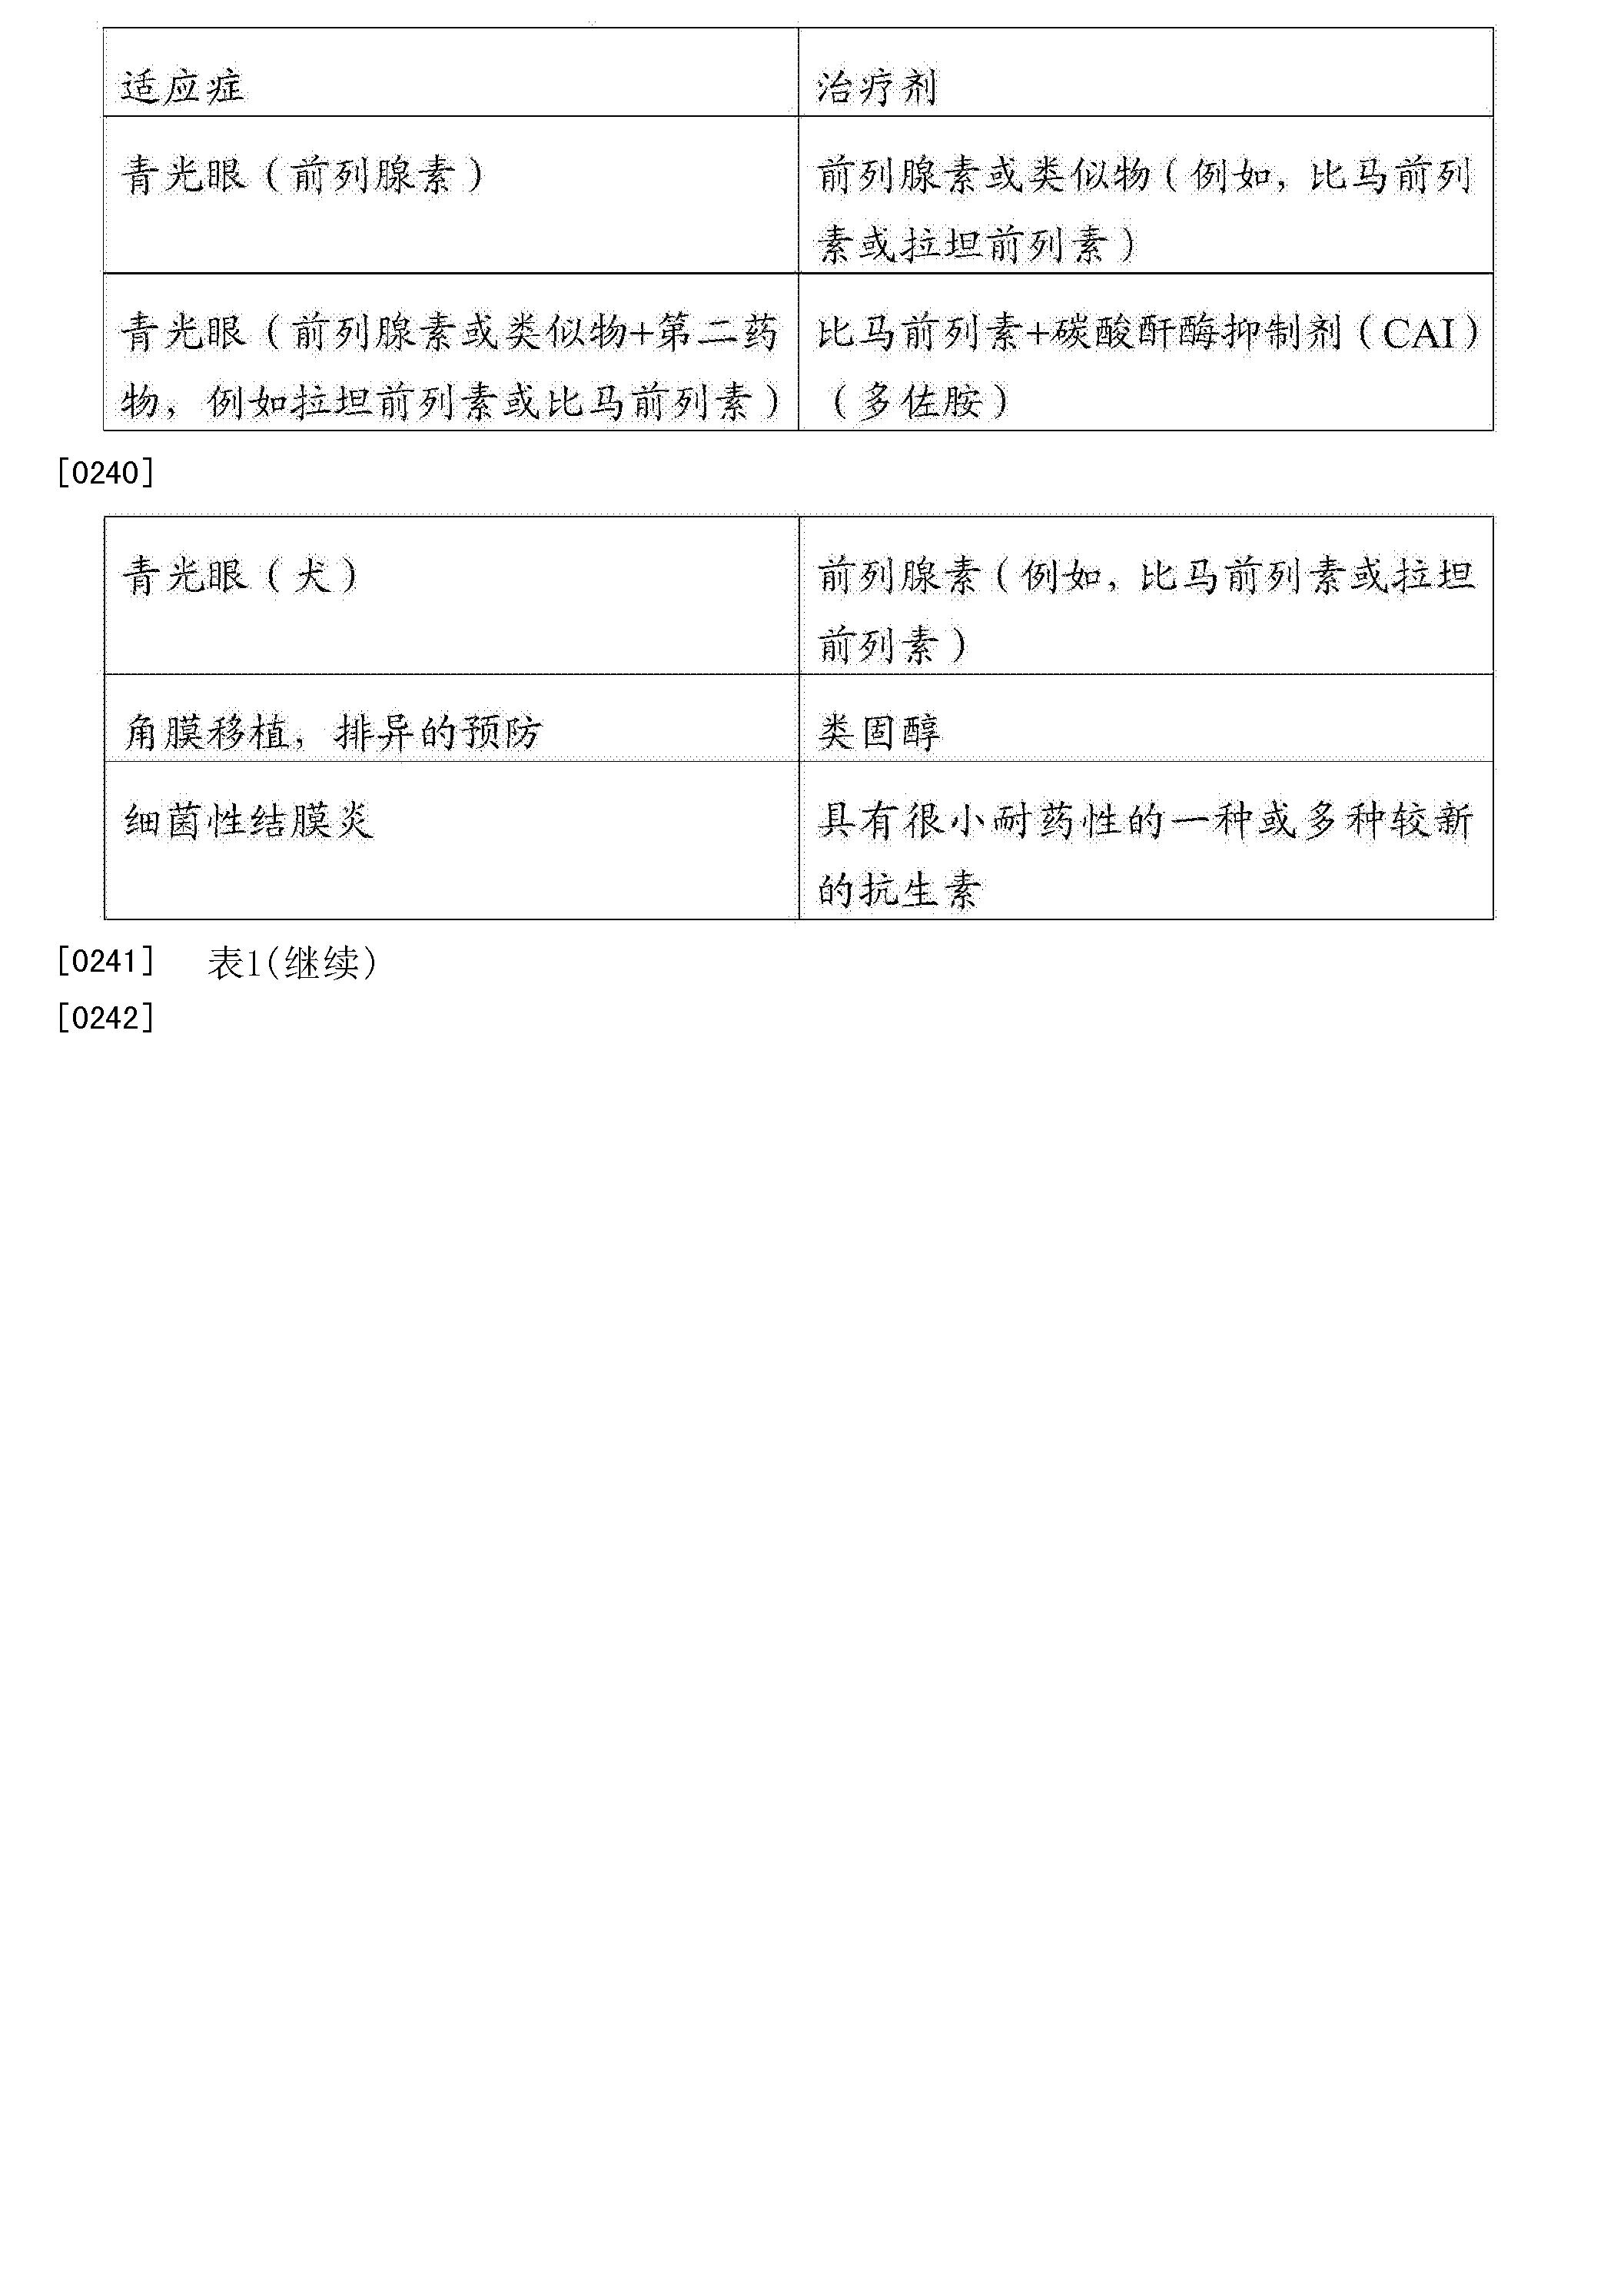 Figure CN103917202BD00281